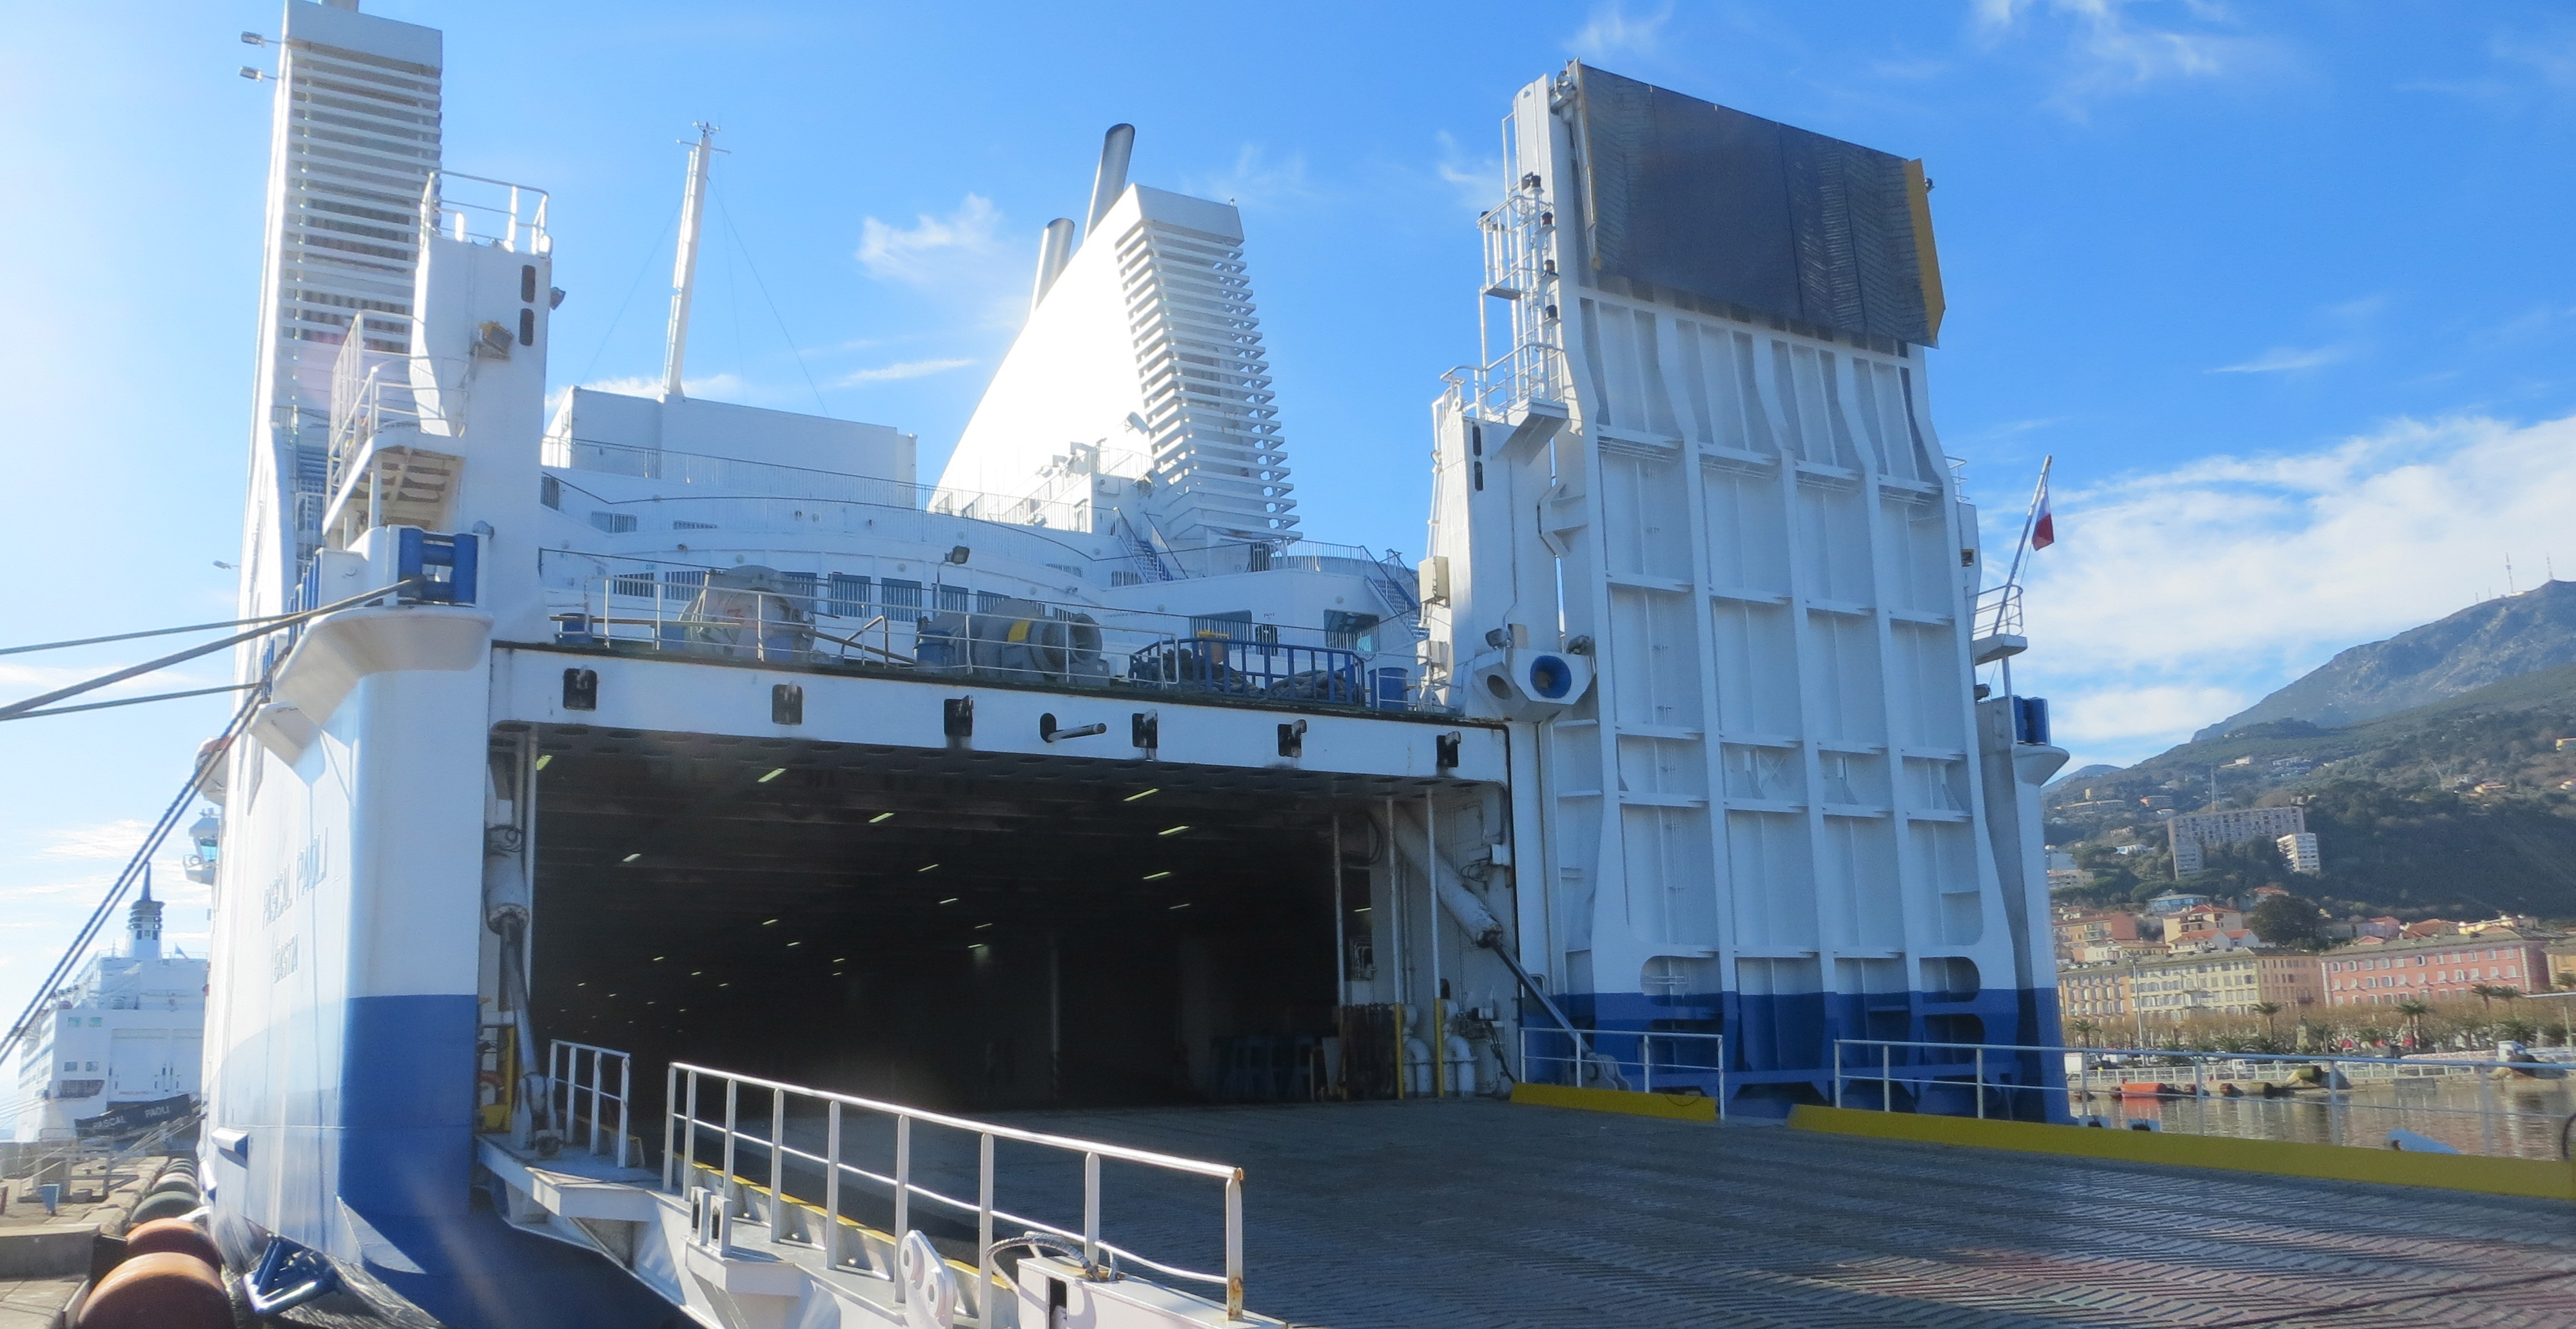 SNCM : Le contenu détaillé des 4 offres de reprise de la compagnie maritime